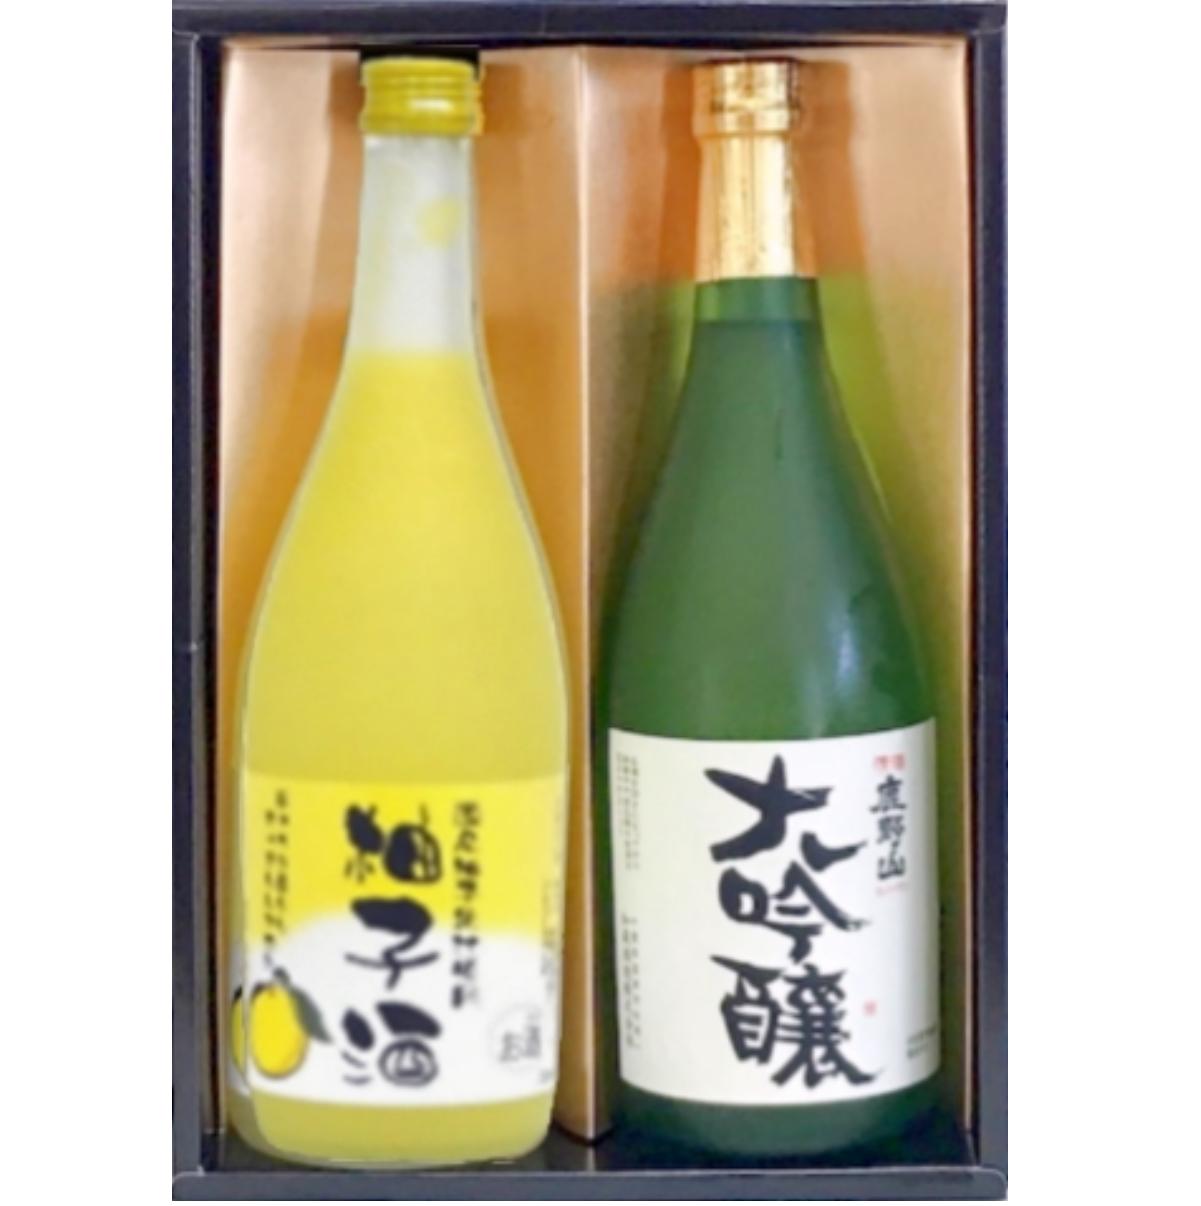 鹿野山大吟醸・ゆず酒セット